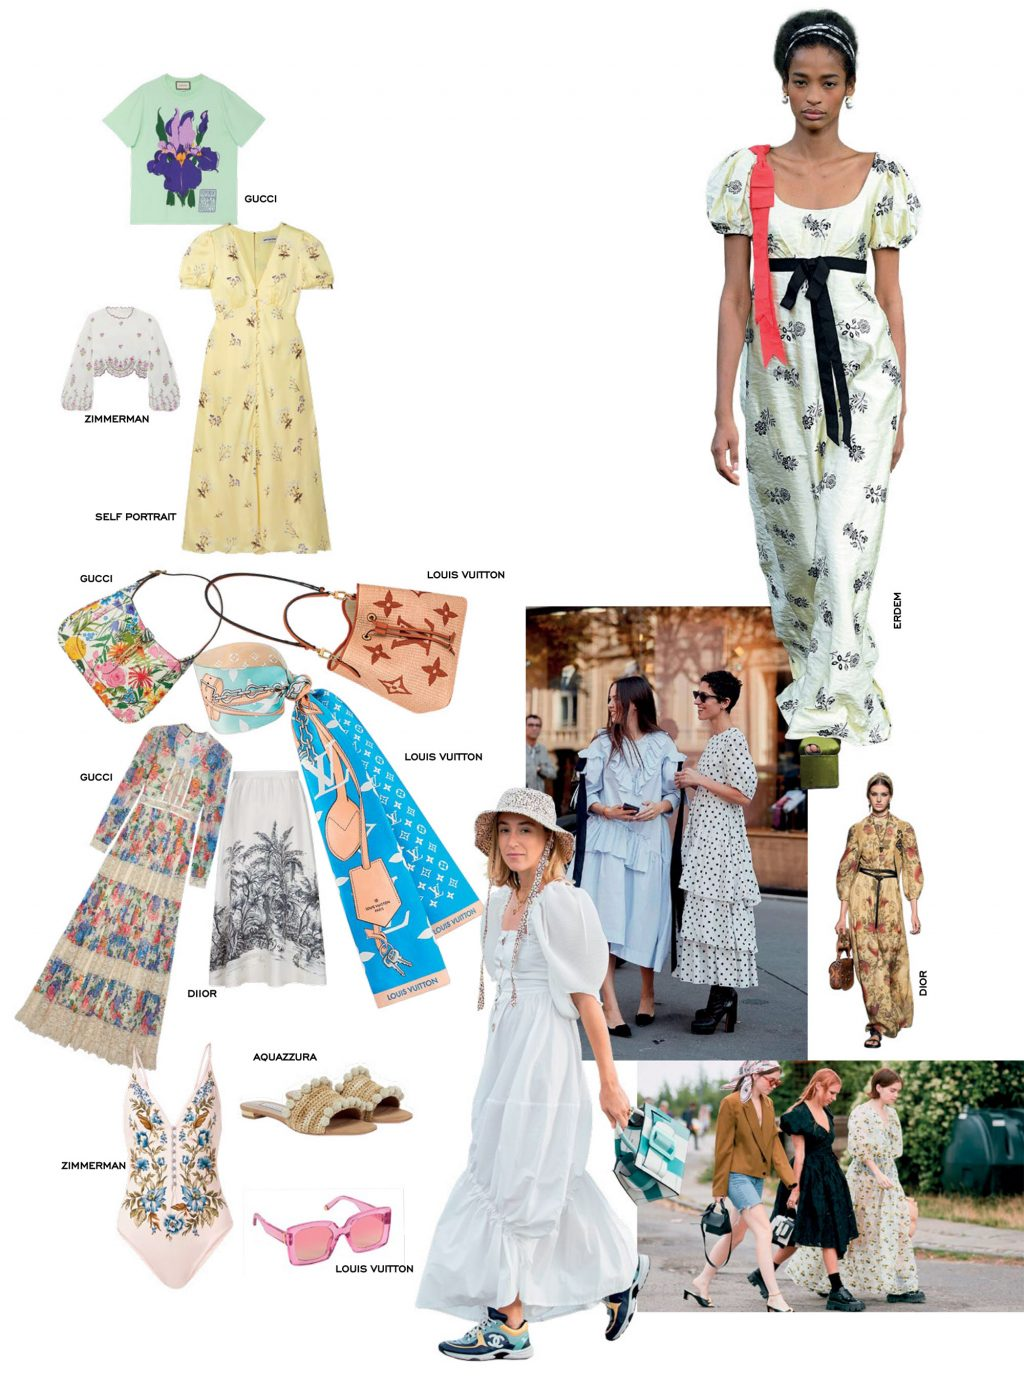 thời trang đồng quê cottagecore